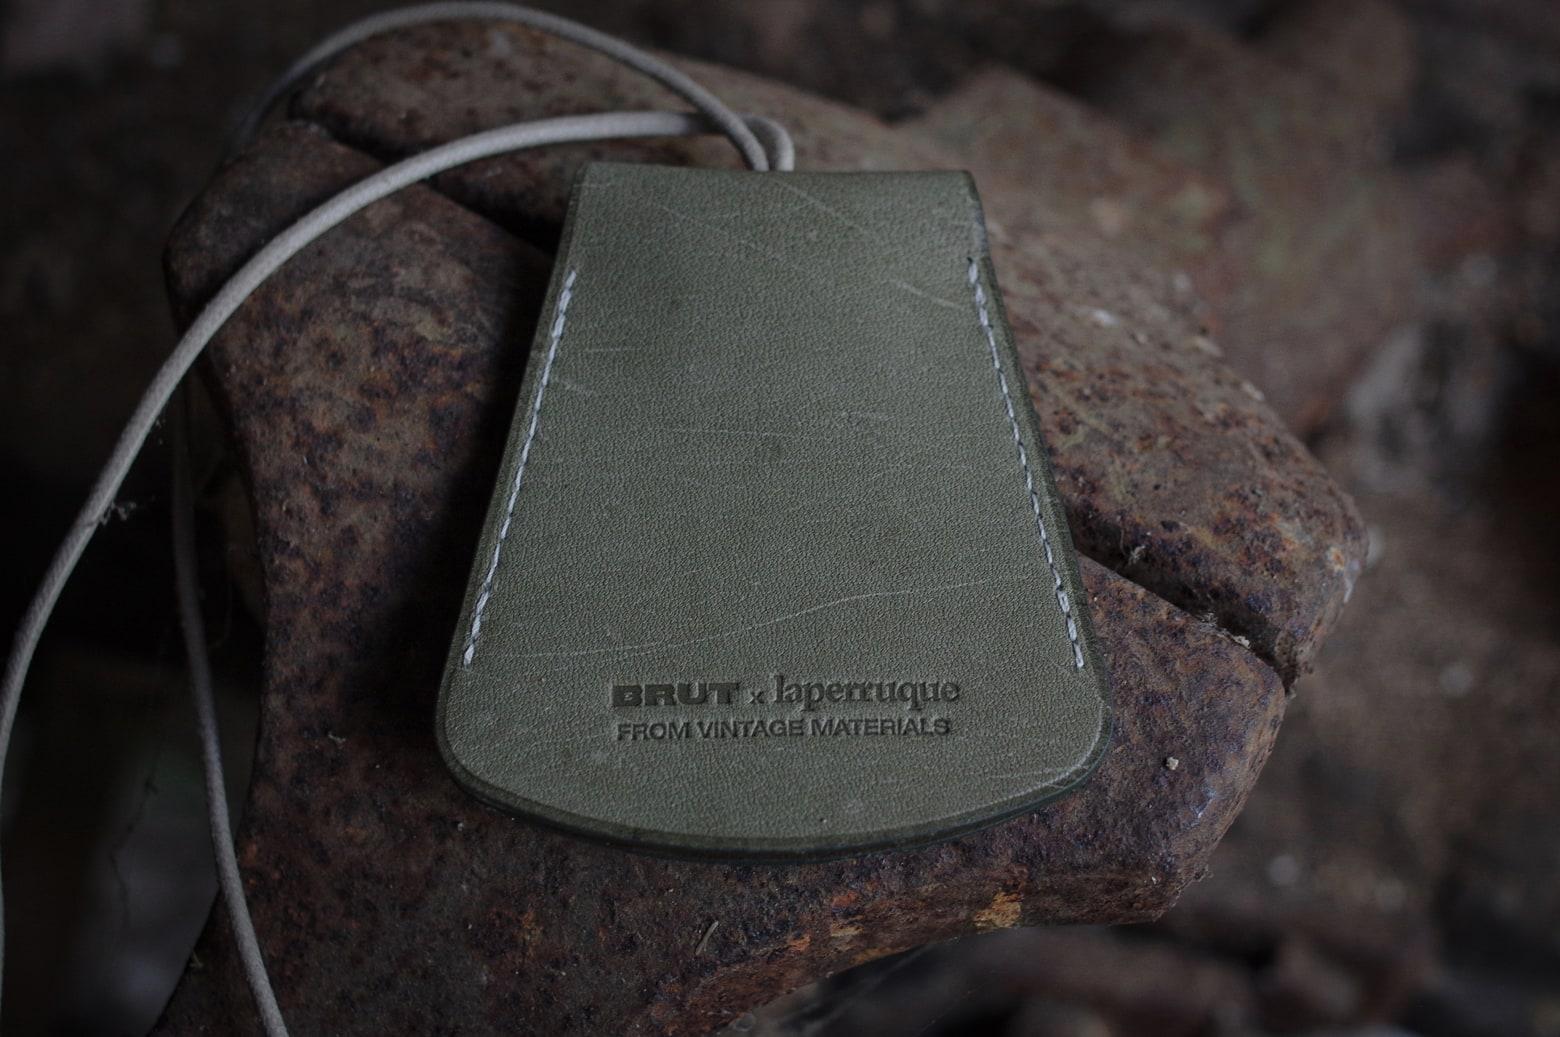 collaboration Laperruque x Brut clothin et une cloche porte-clés en cuir vintage de tablier